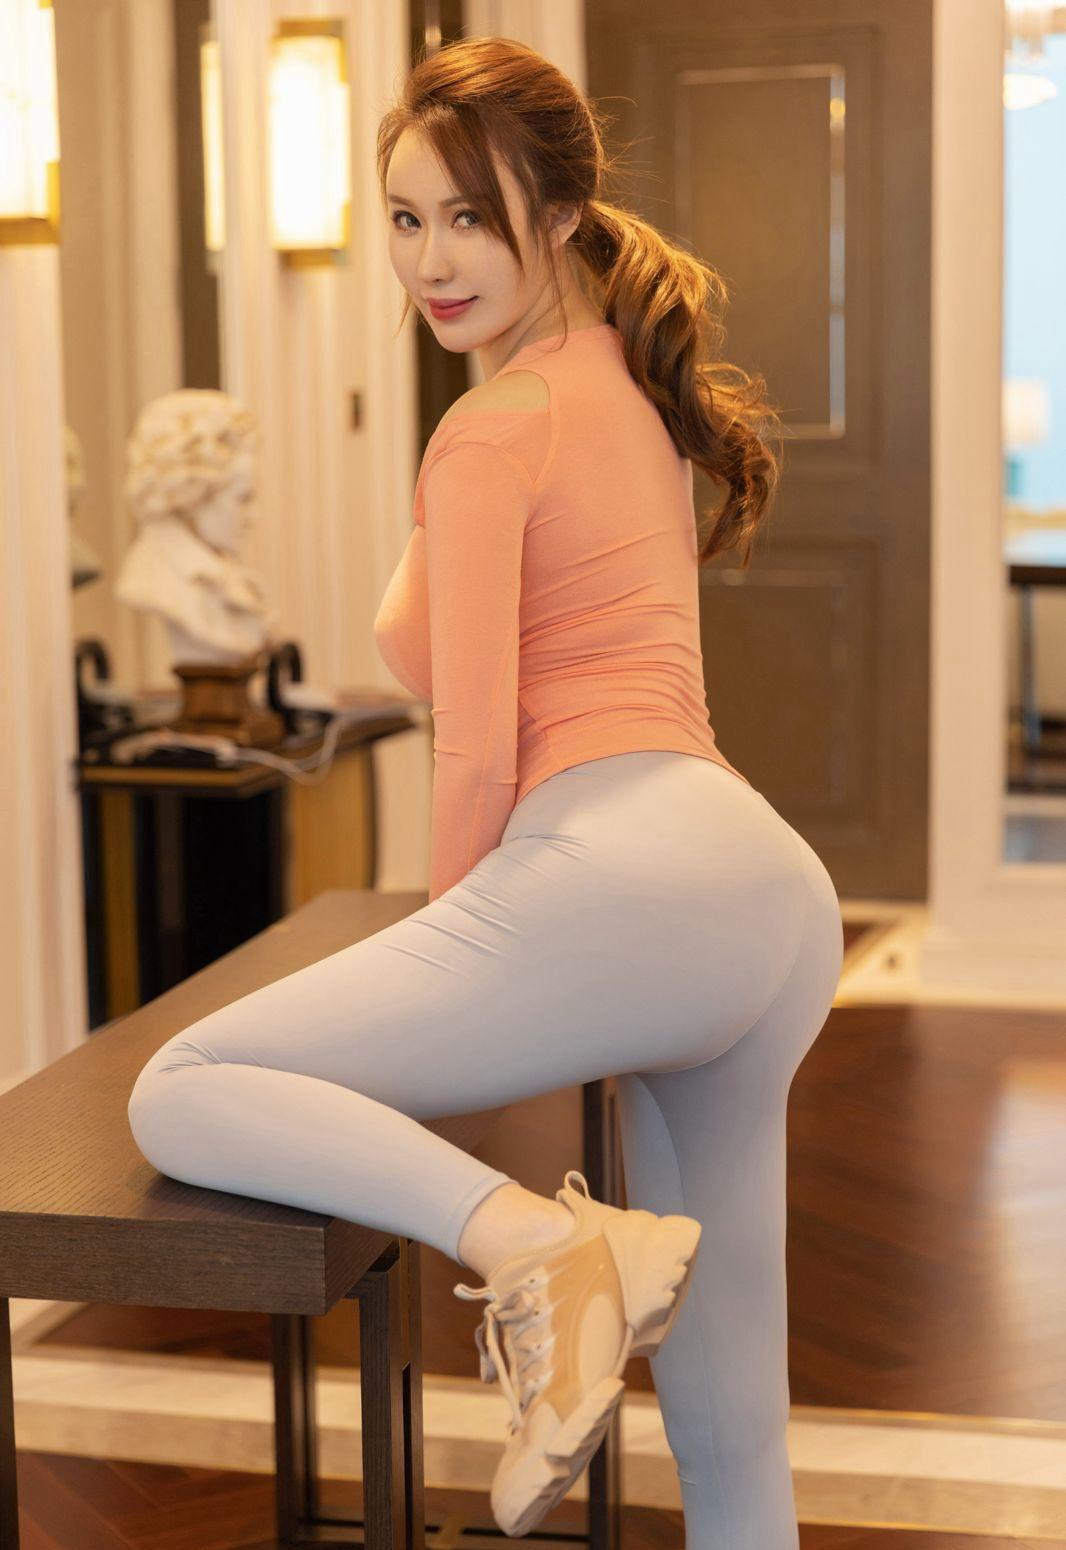 90后美女尤妮丝Egg火辣诱人肥臀极品紧身裤美女高清套图